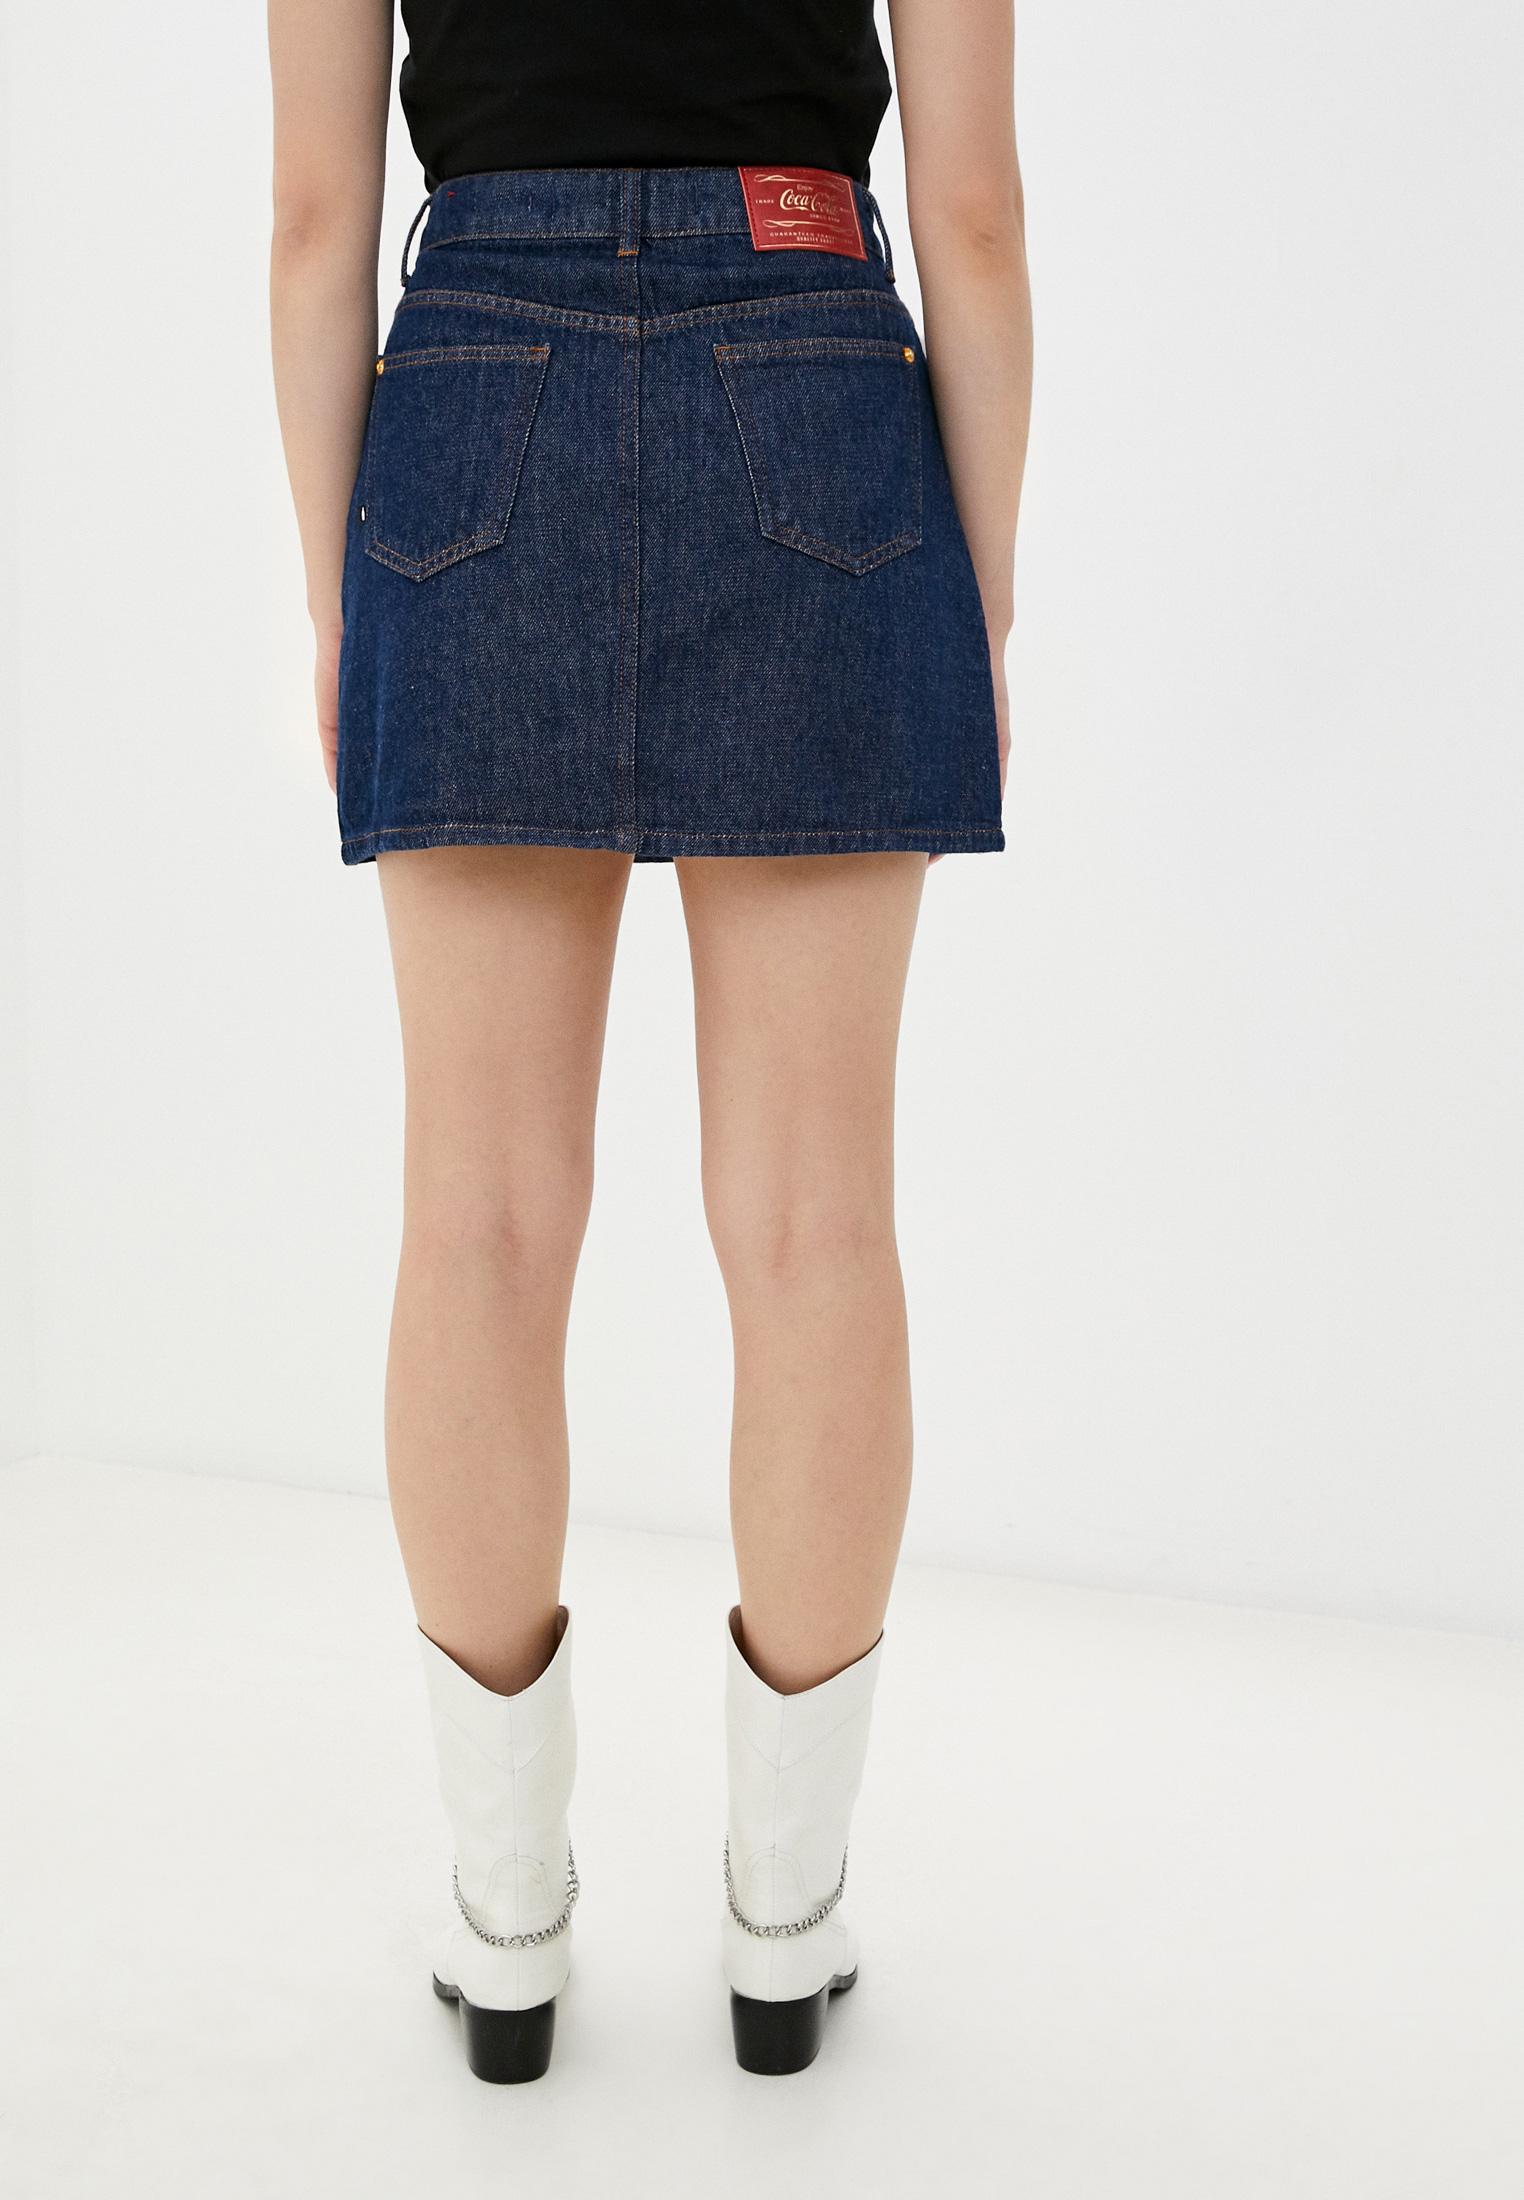 Джинсовая юбка Coca Cola Jeans 008.32.00996: изображение 3